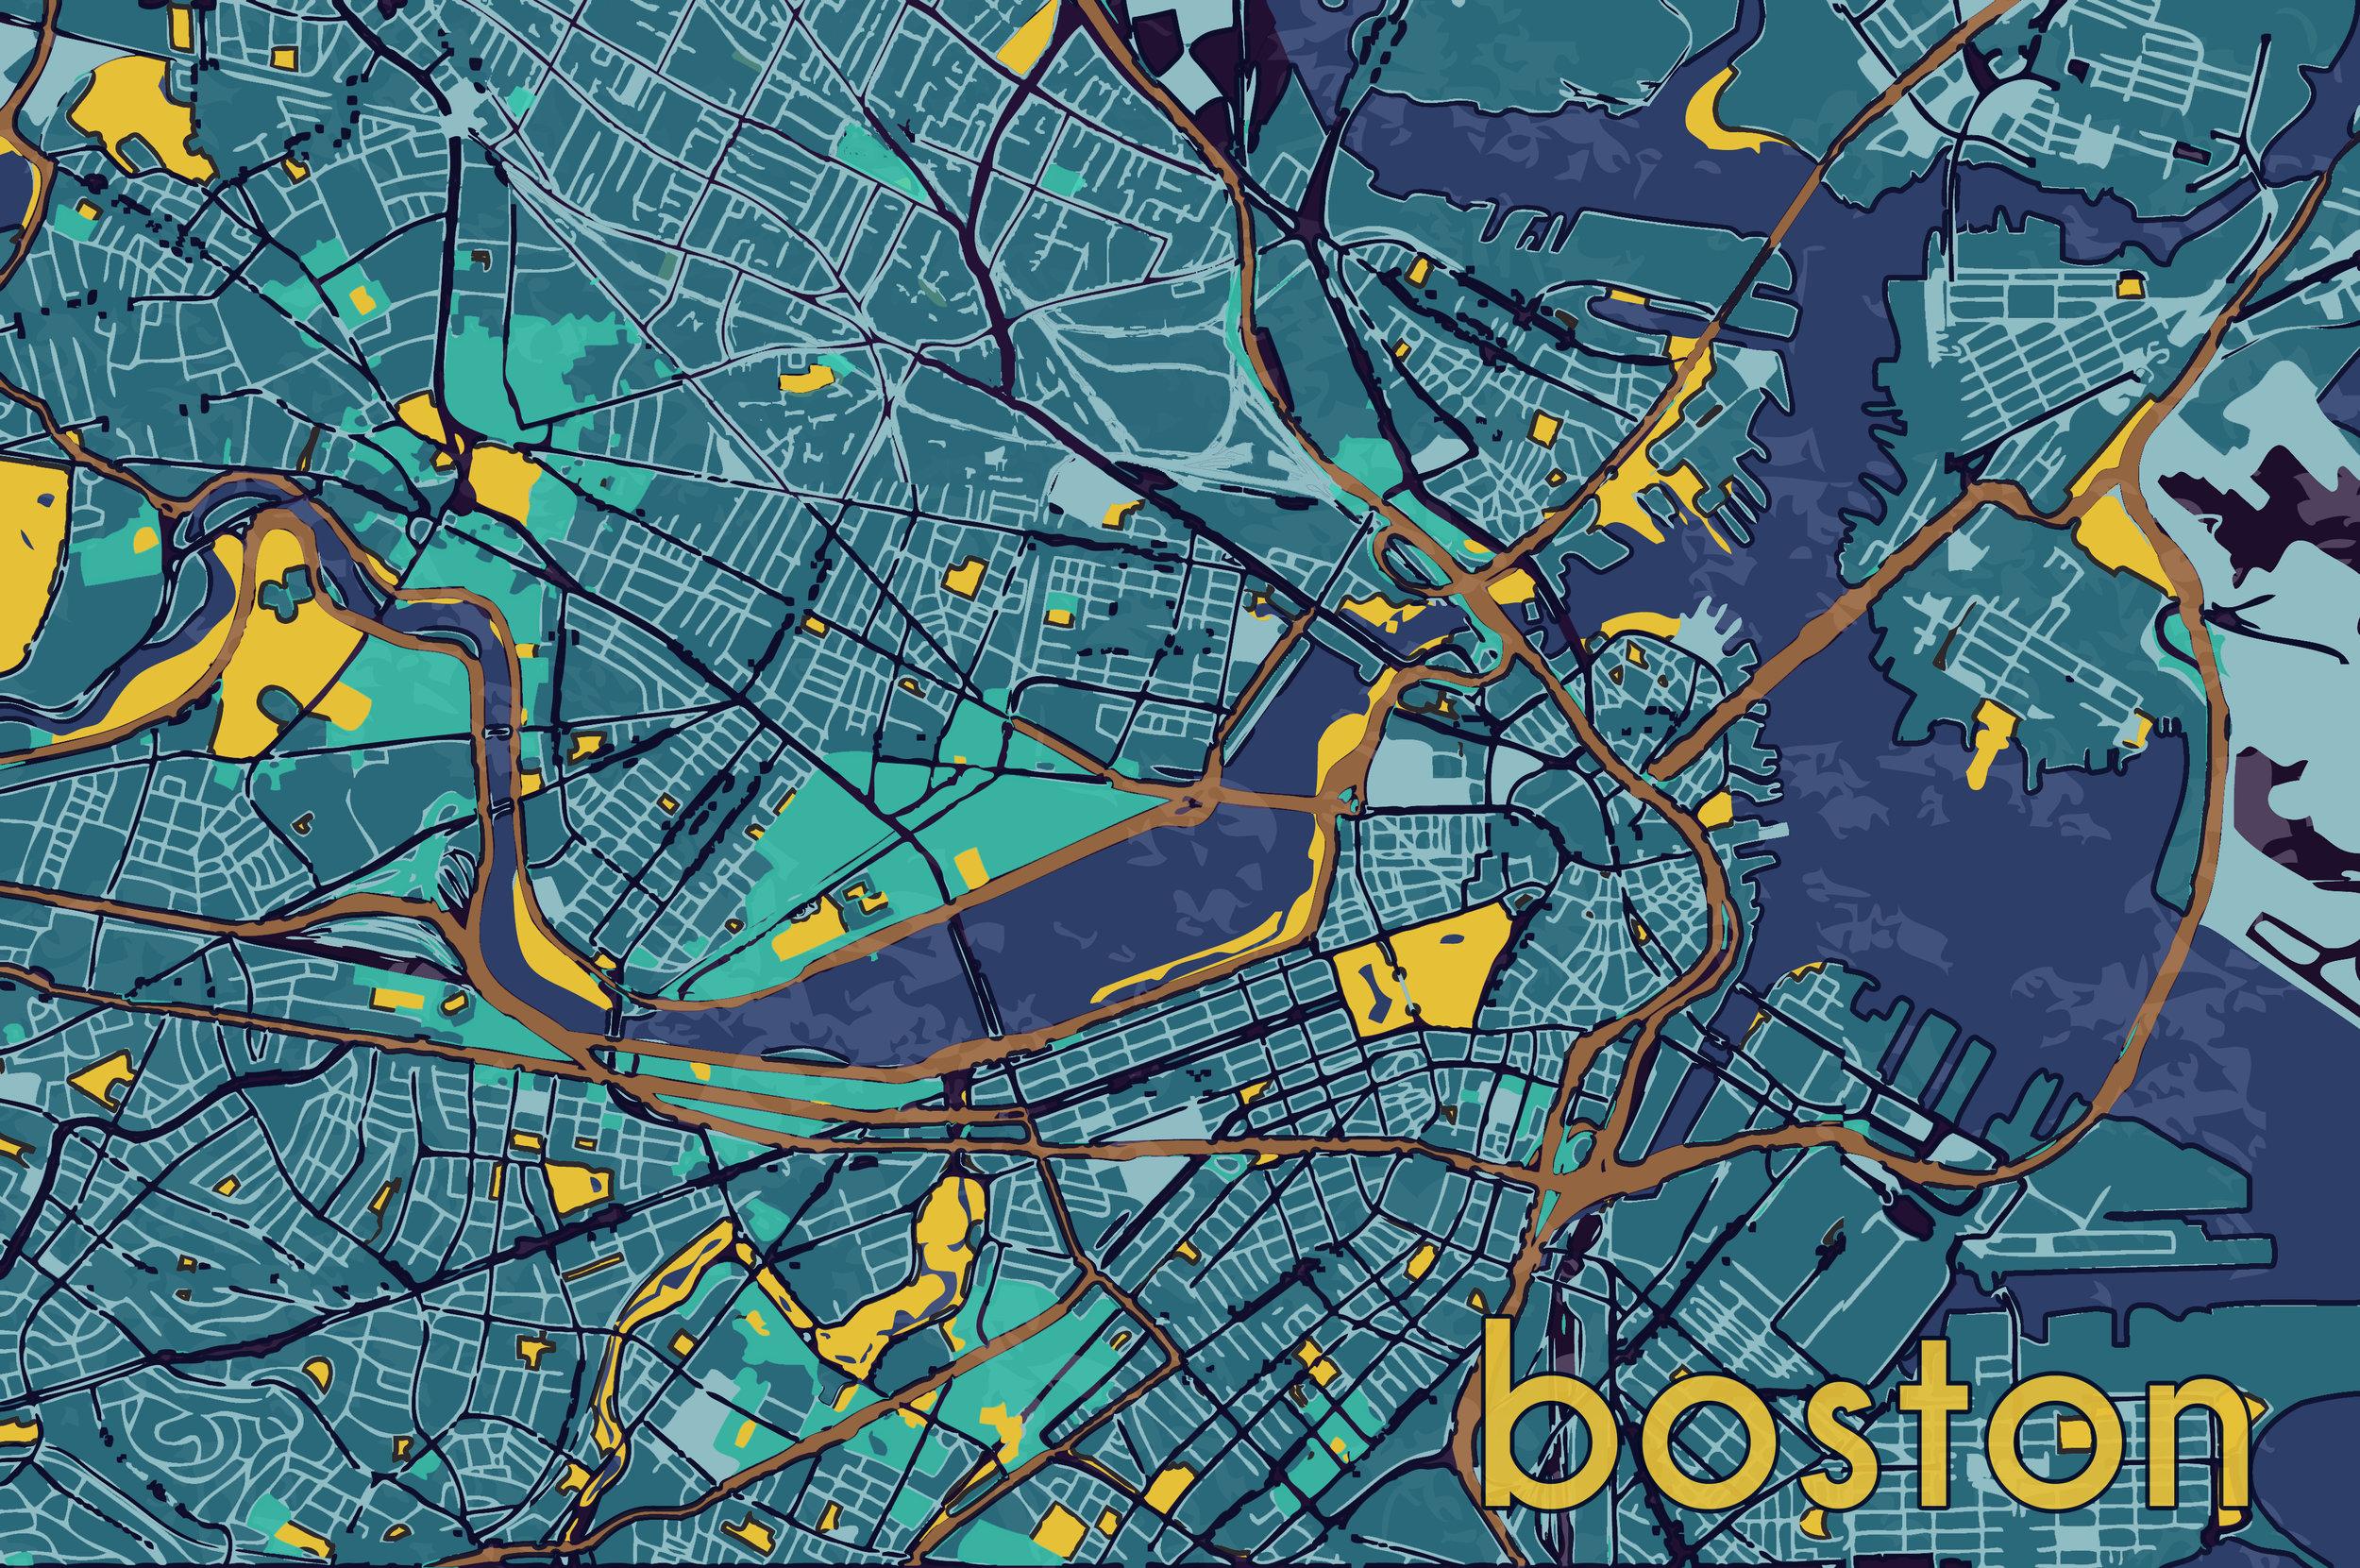 Boston, Massachusetts, 2016